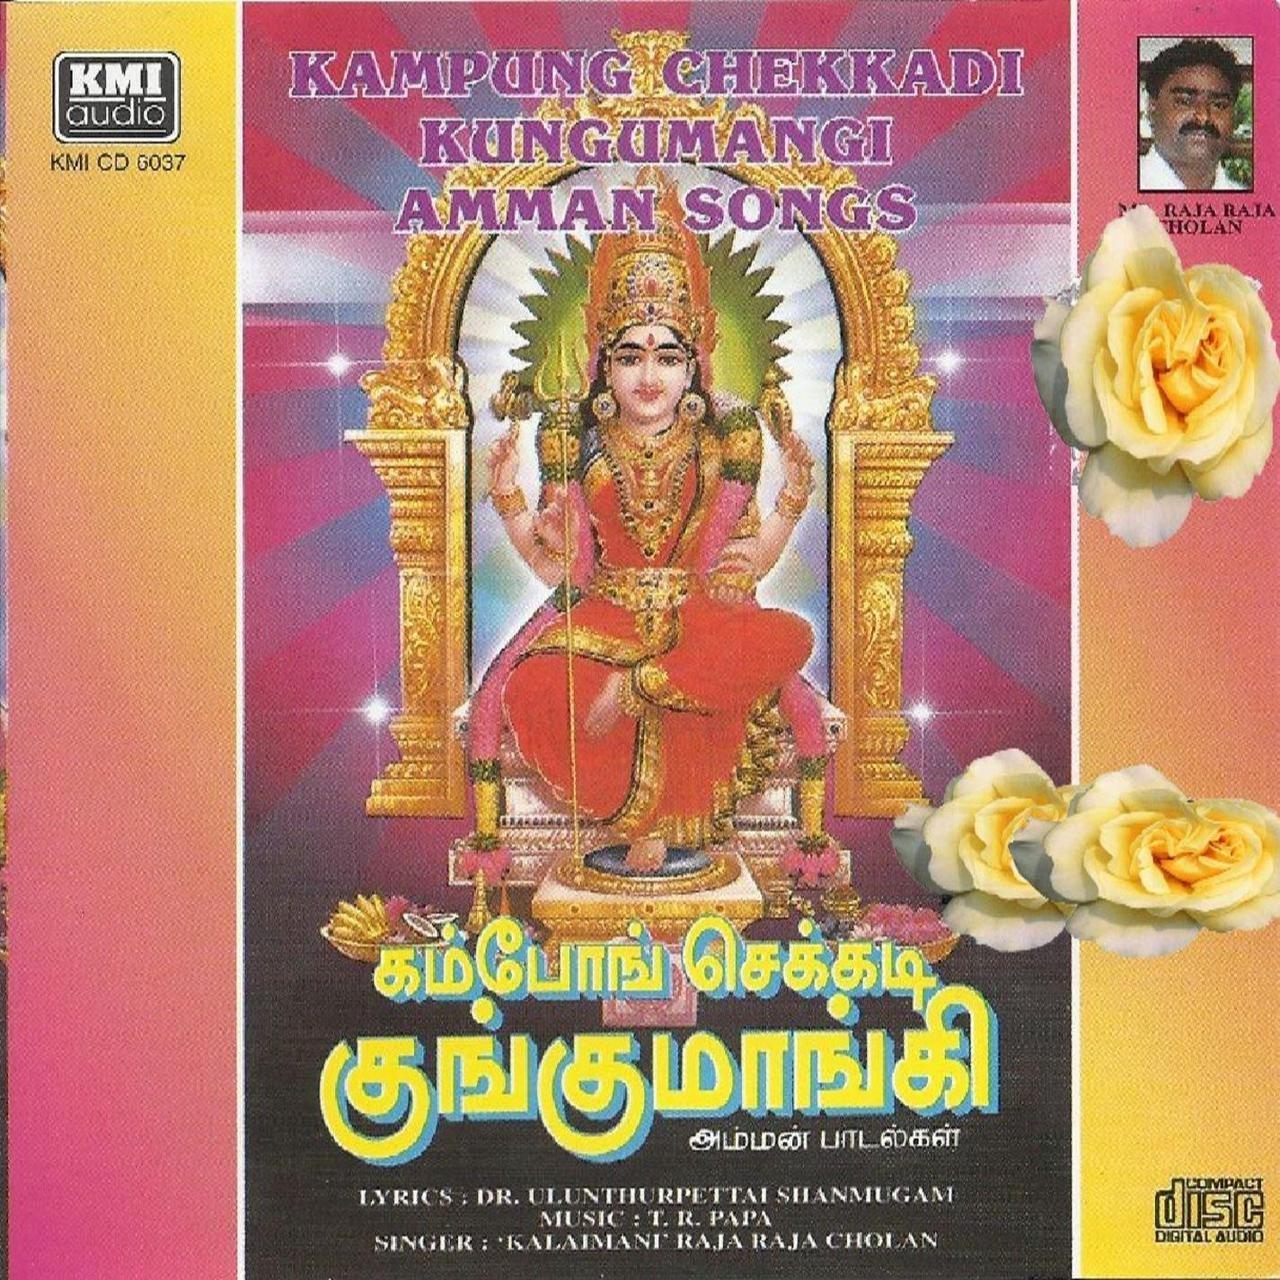 Tidal Listen To Thayamma Sakthi Thayamma On Tidal